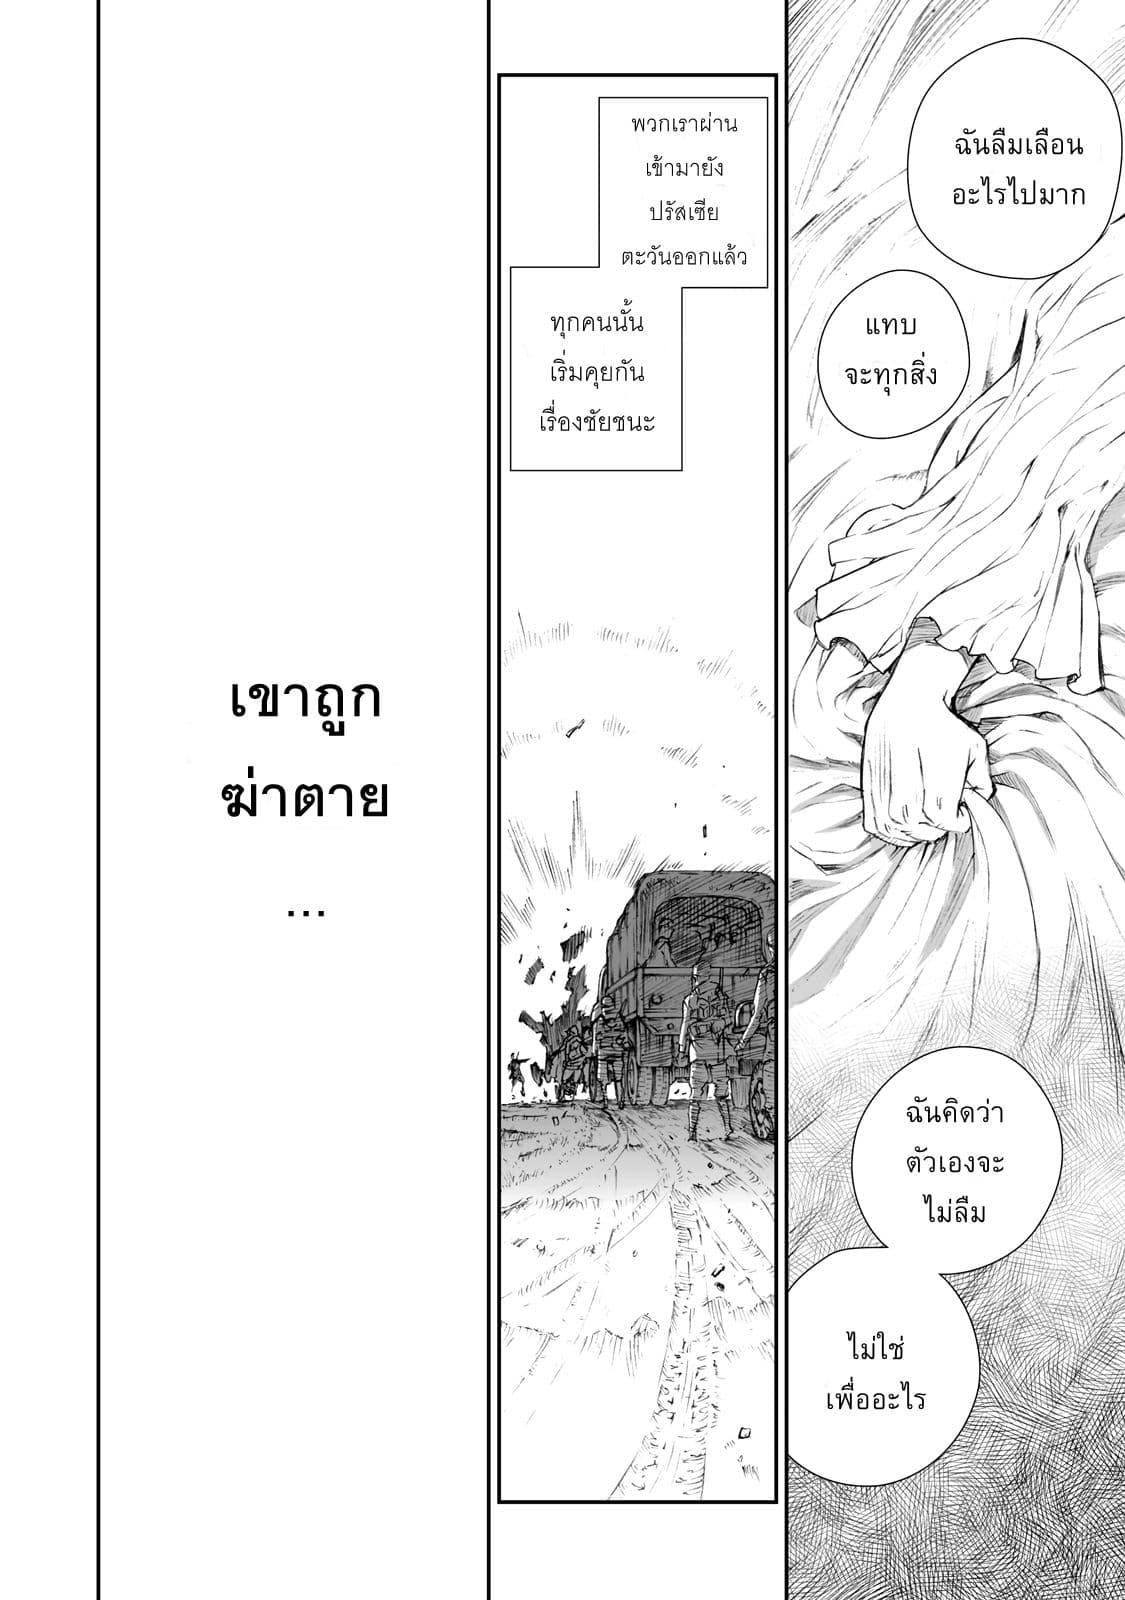 อ่านการ์ตูน Senso wa onna no kao o shite inai ตอนที่ 2 หน้าที่ 16